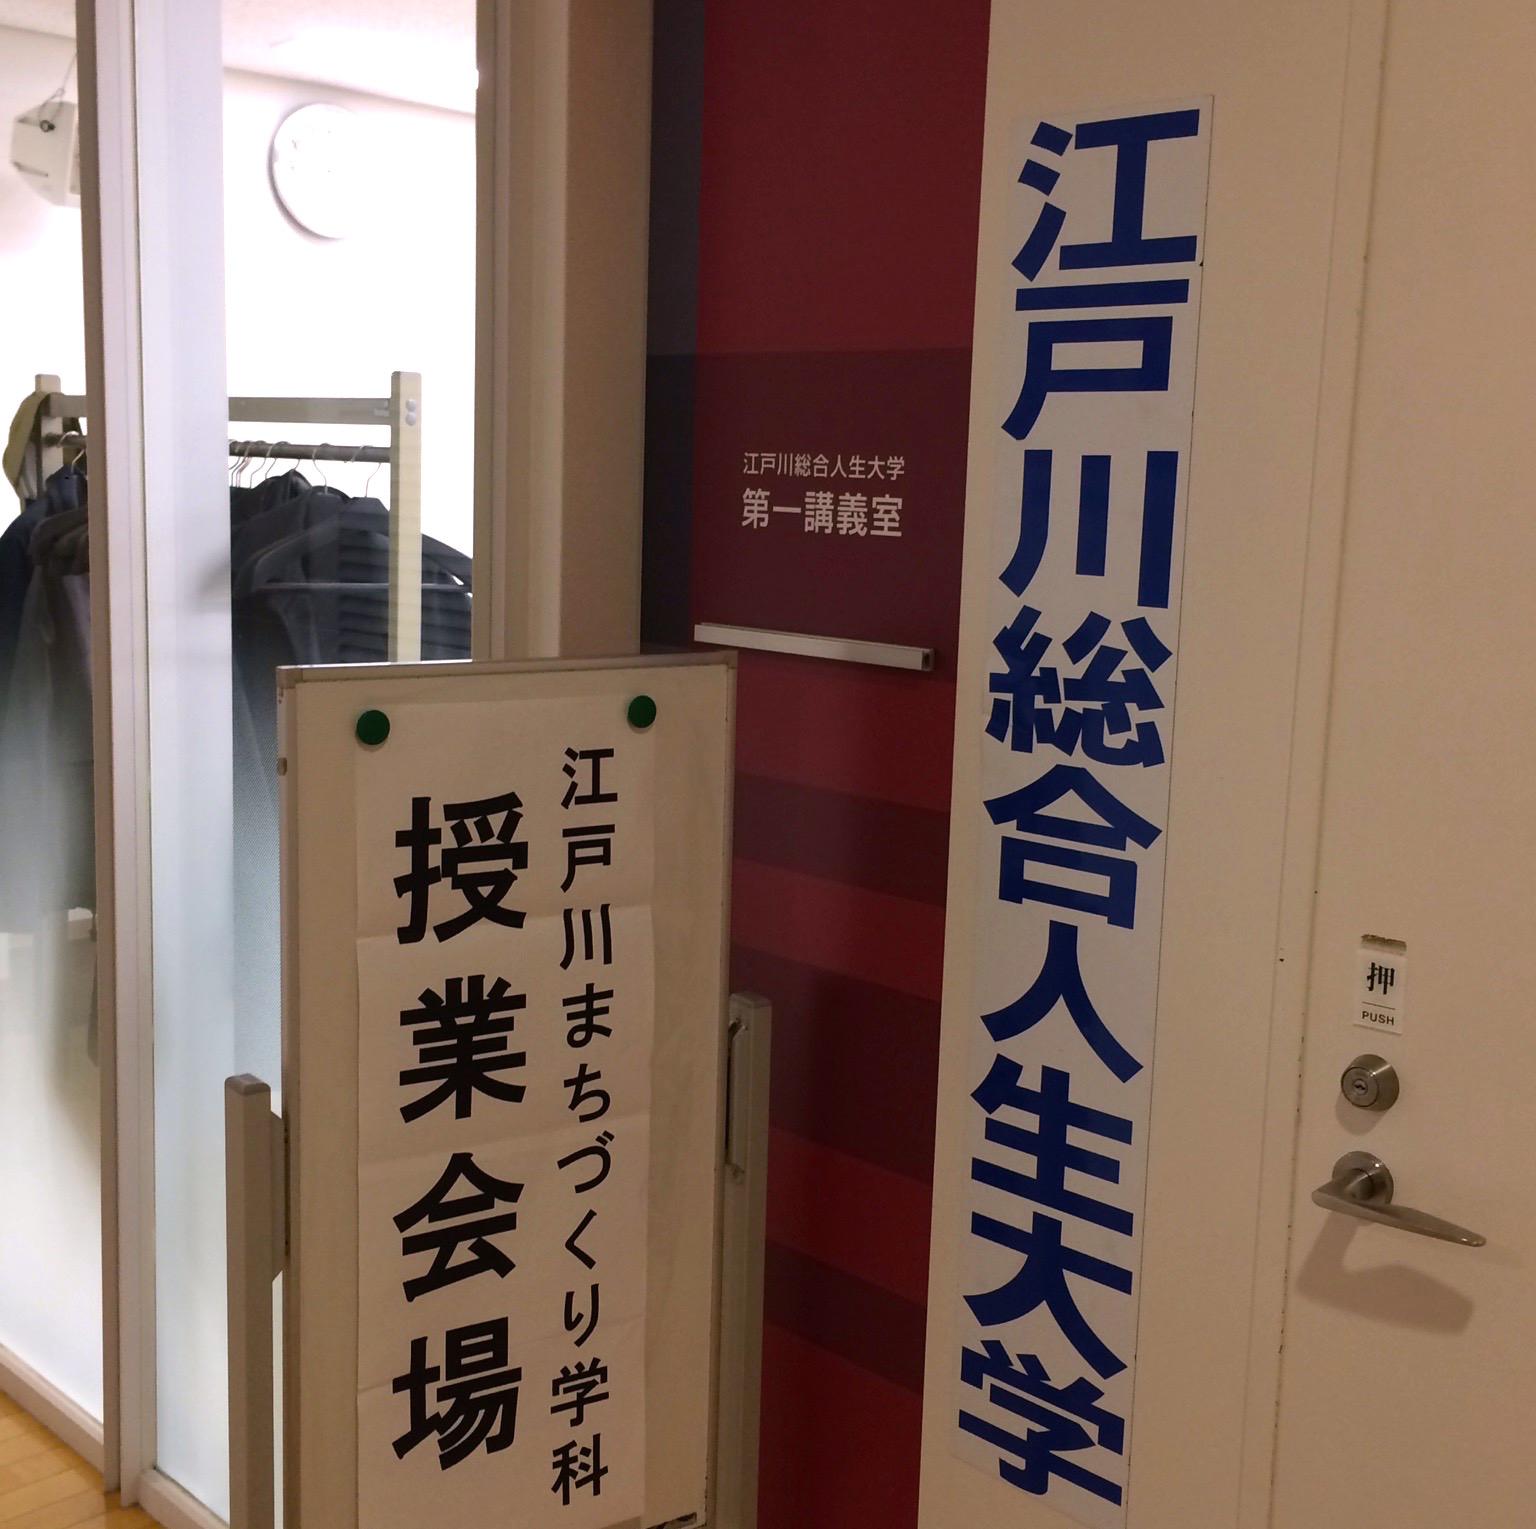 江戸川総合人生大学まちづくり学科で講師出番